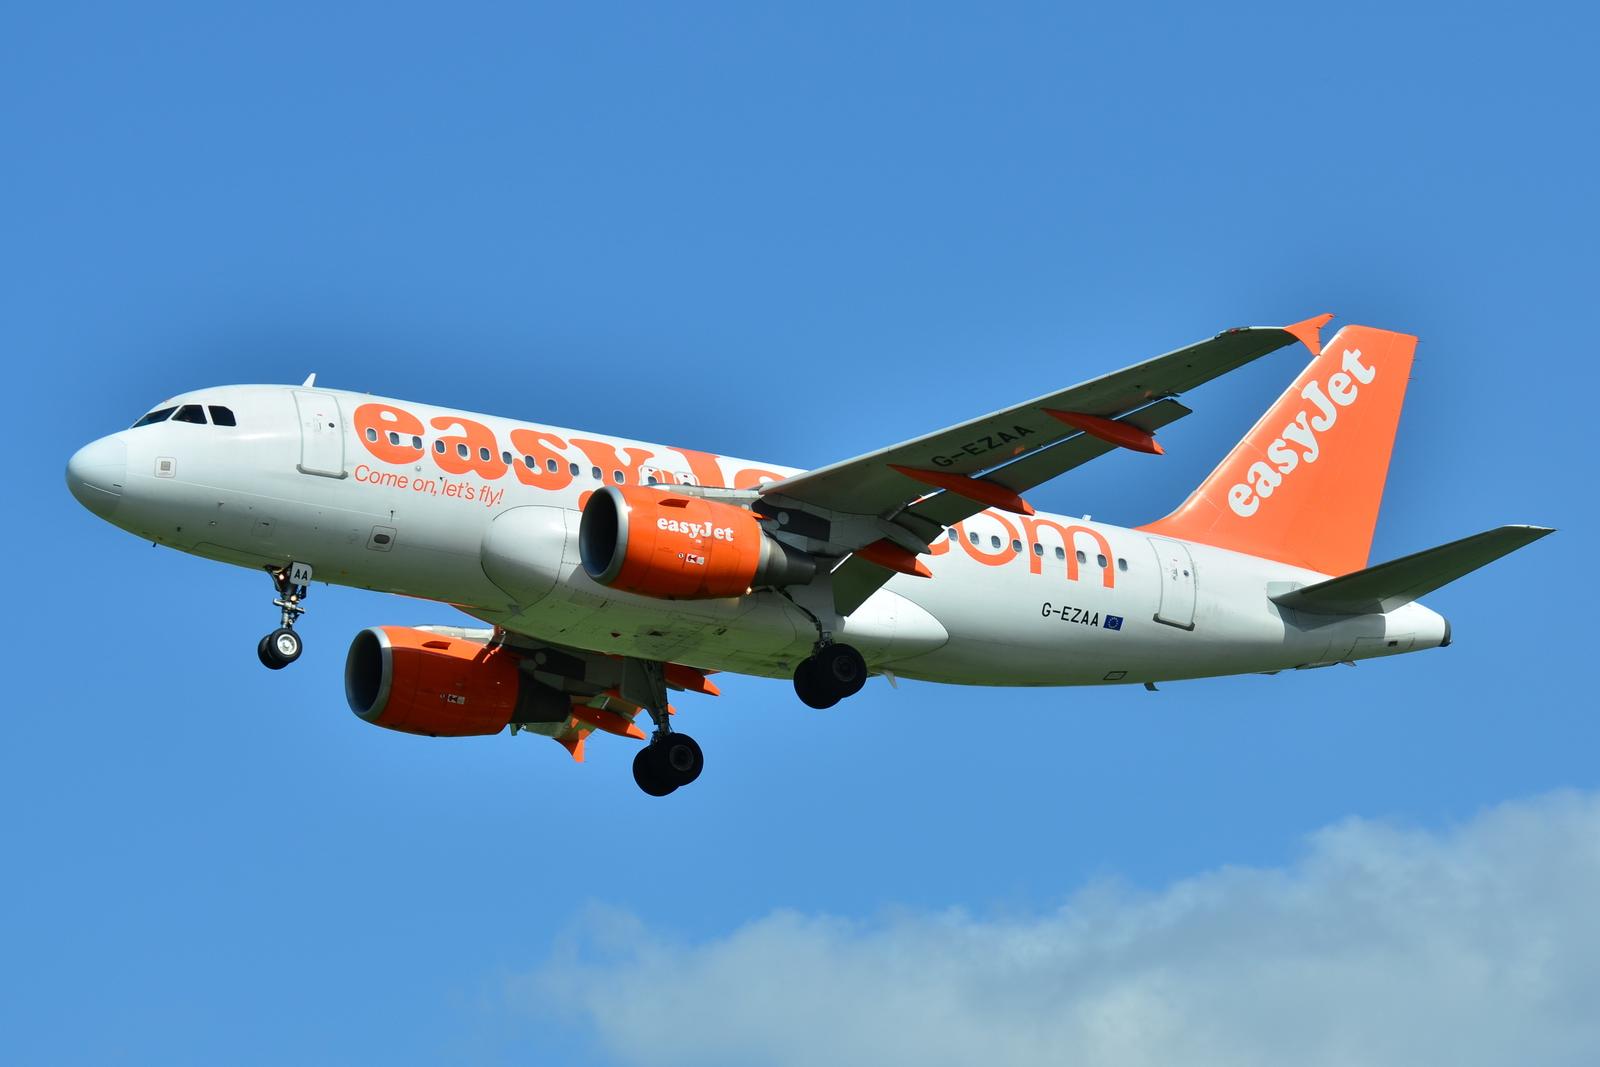 File:Airbus A319-100 Easyjet (EZY) G-EZAA - MSN 2677